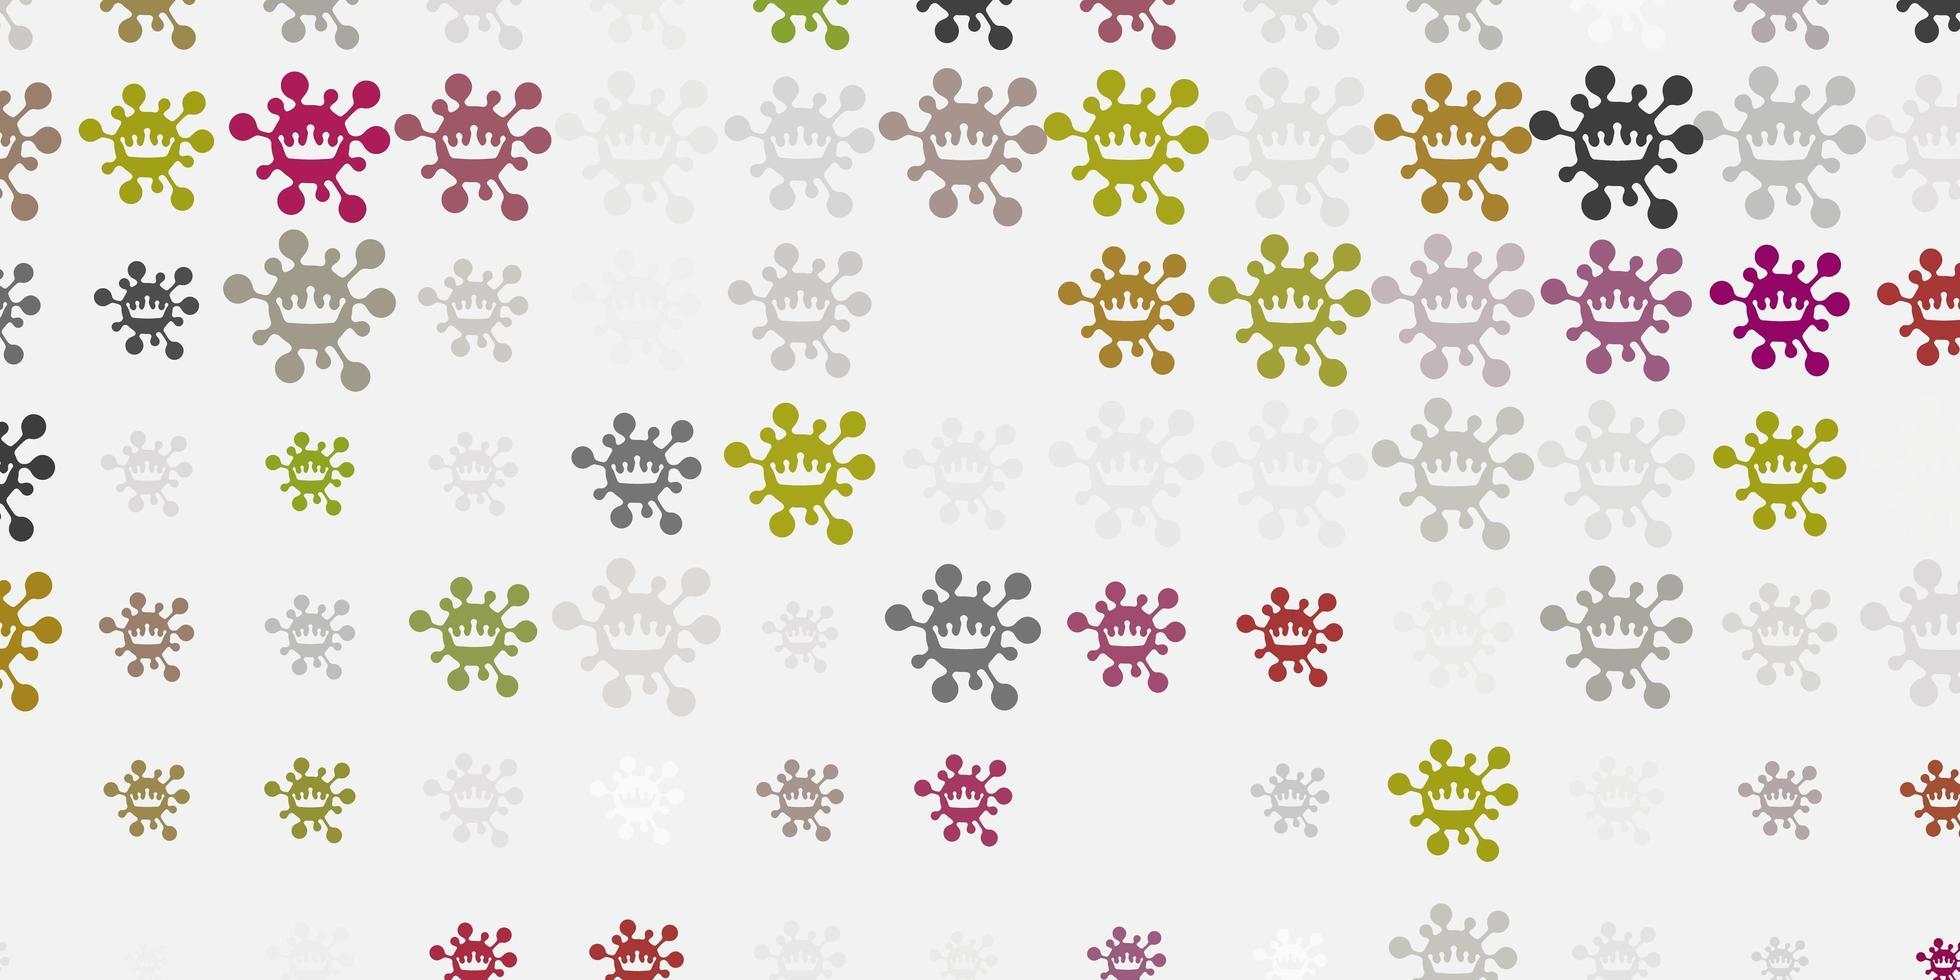 patrón de vector gris claro con elementos de coronavirus